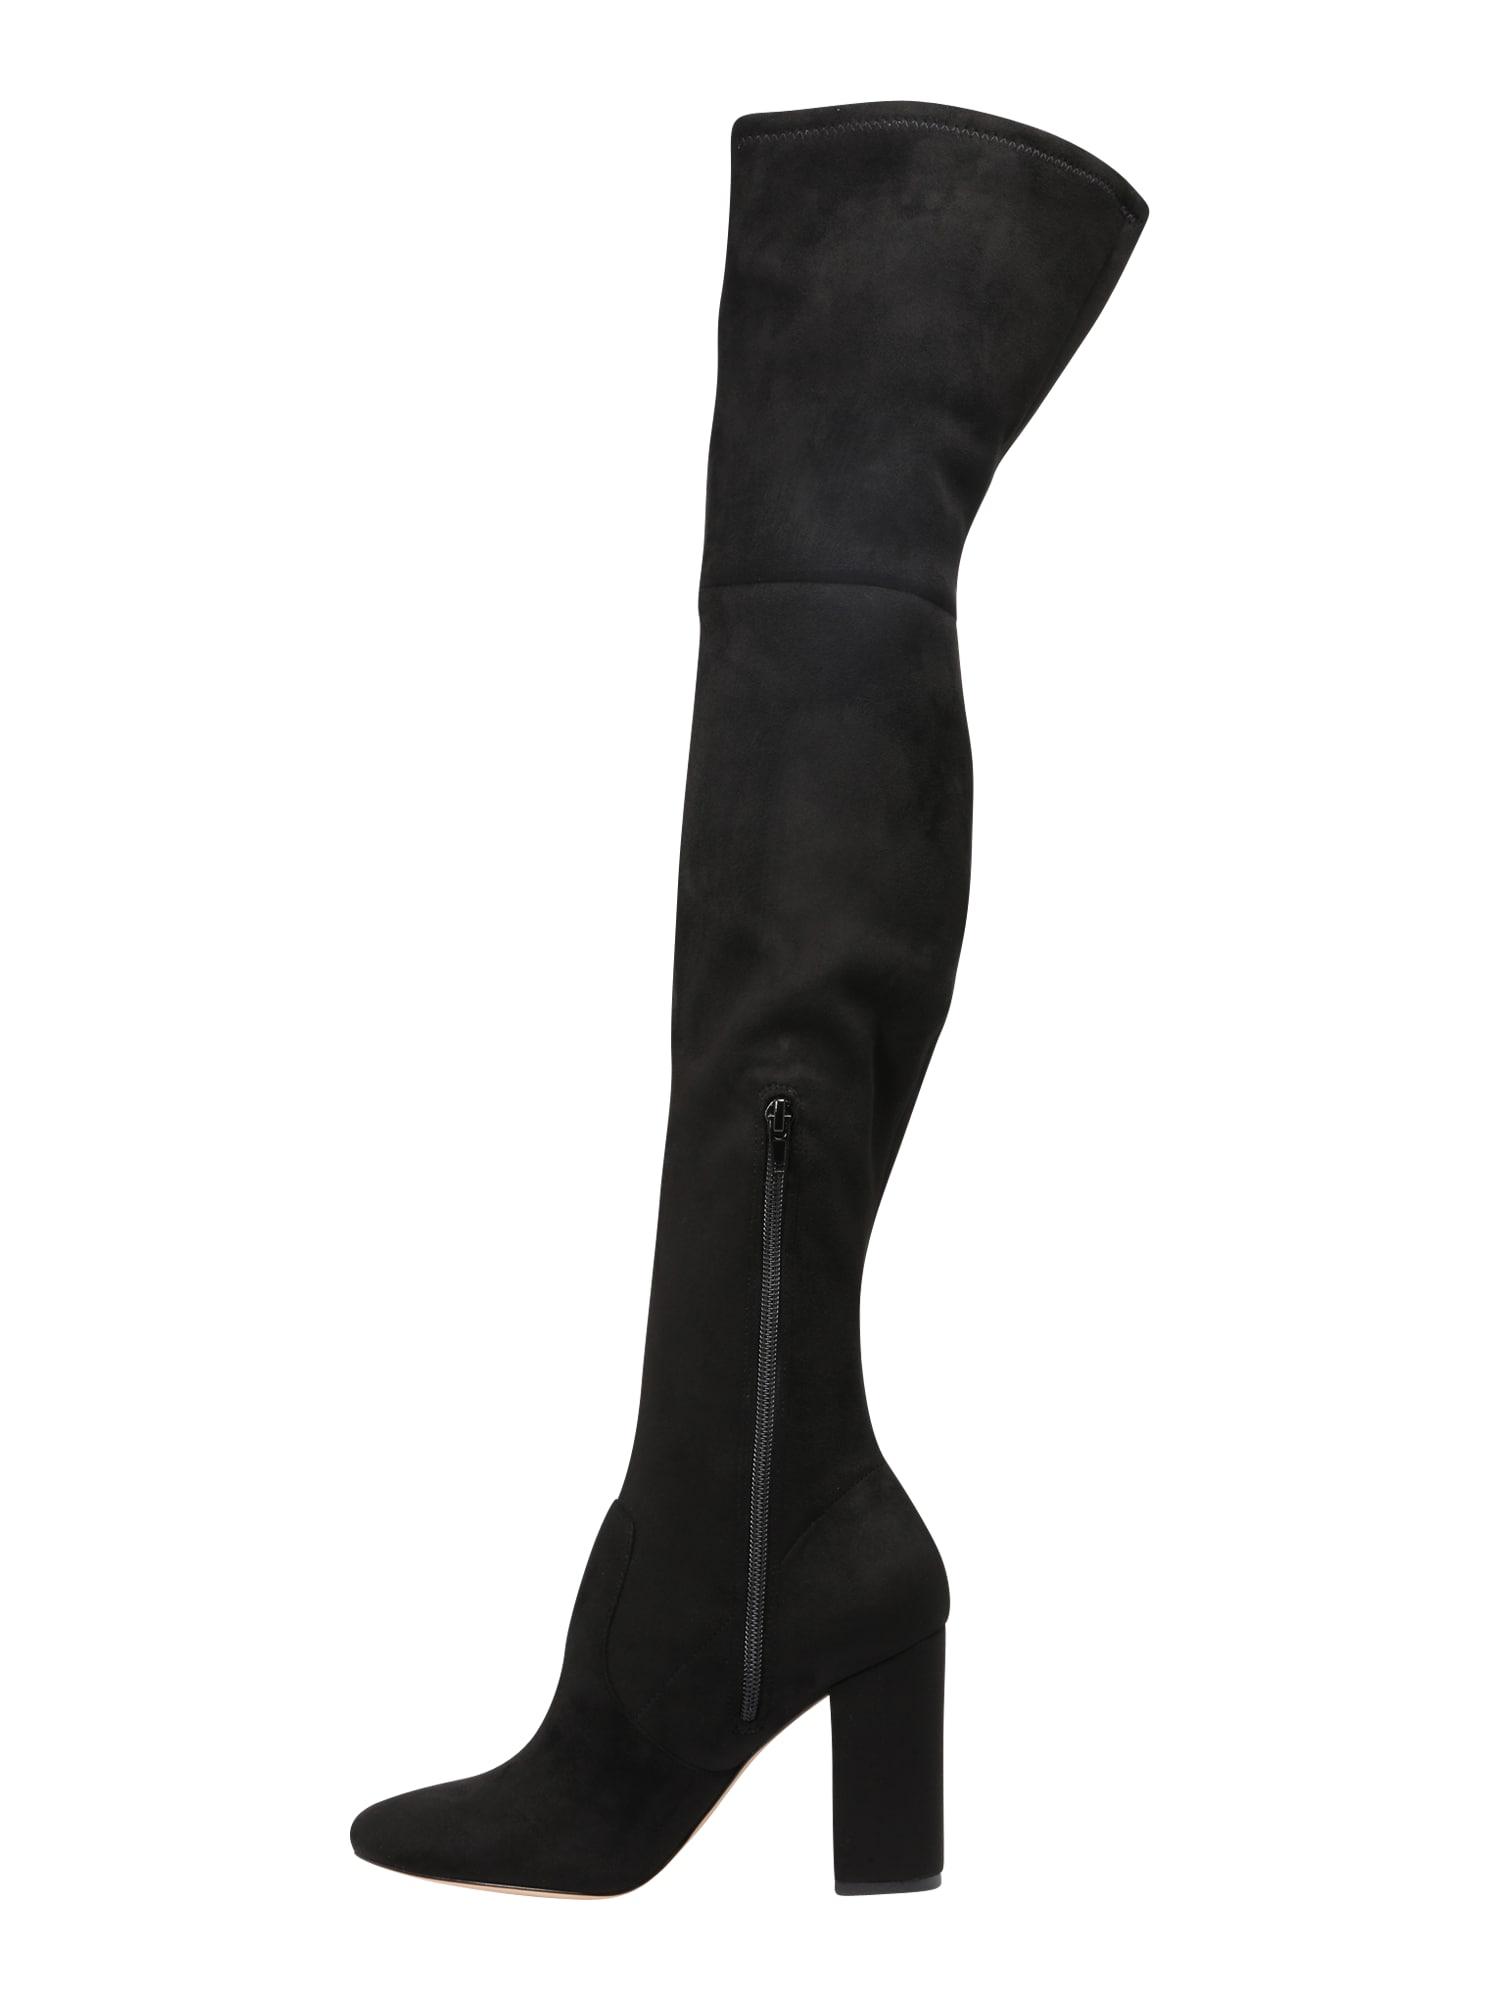 ALDO, Damen Overknee laarzen MAEDE, zwart